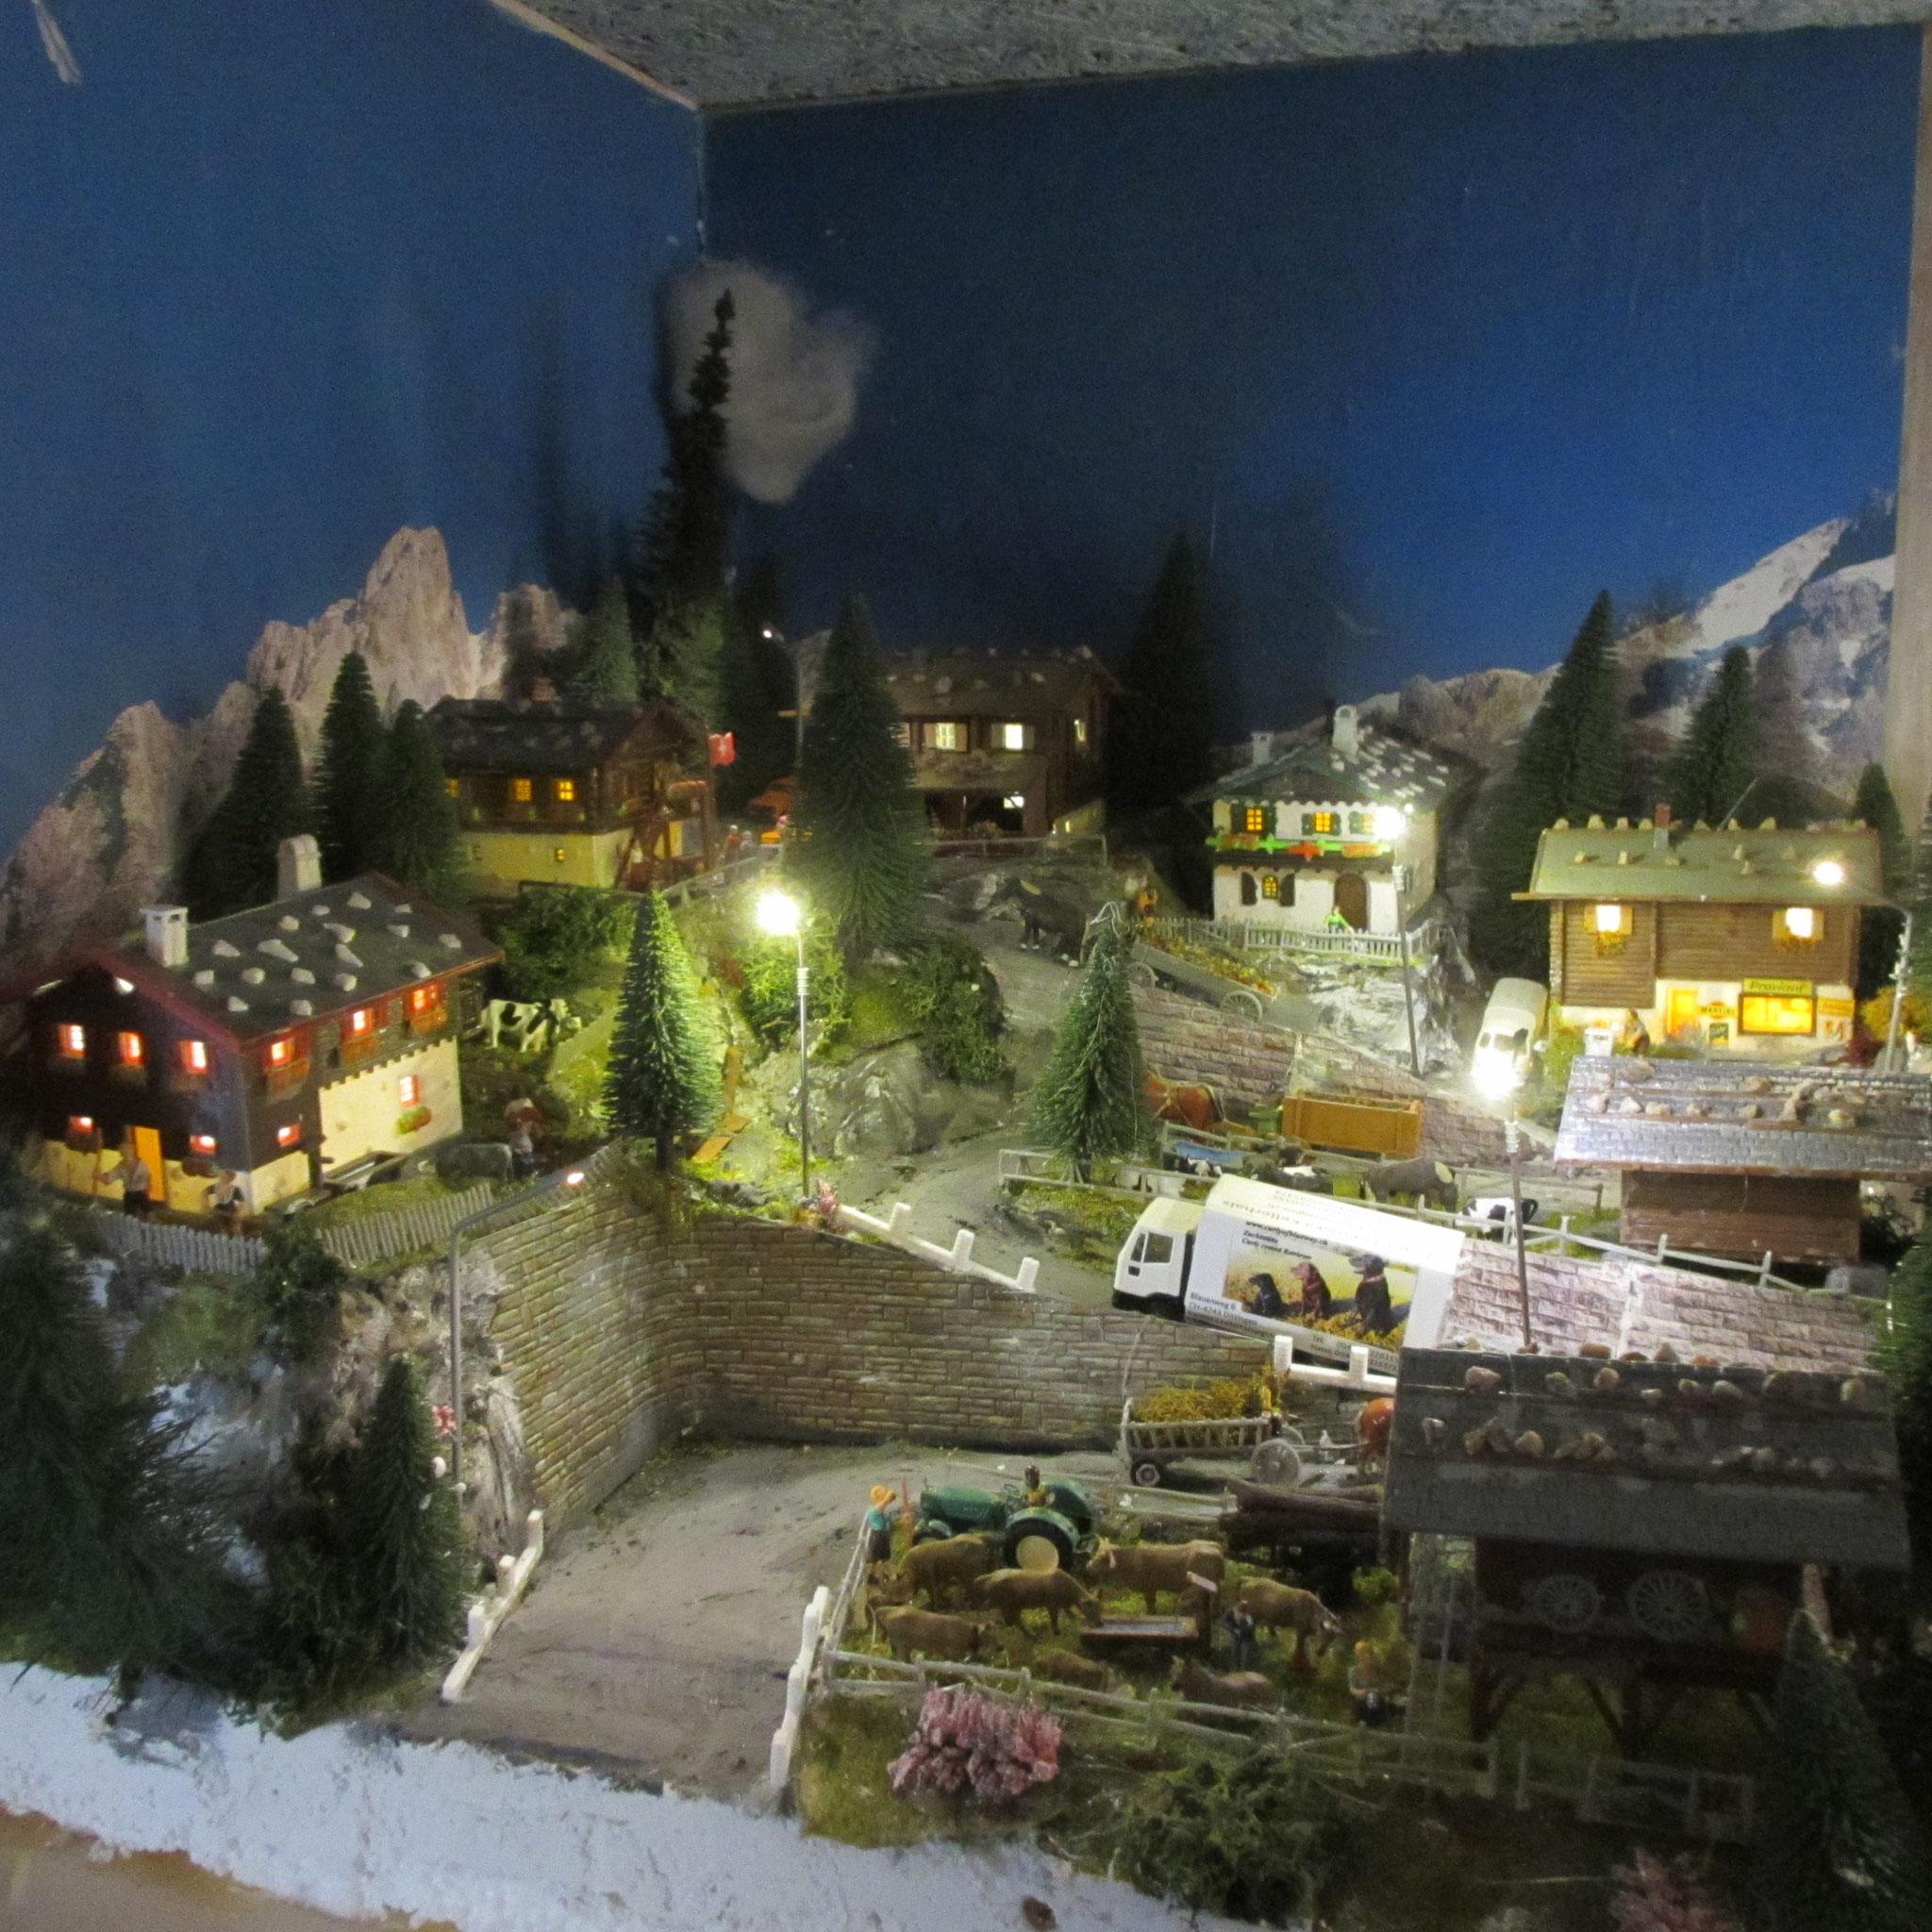 Dorf mit Div. Kelltec Häuserbeleuchtungen verbaut